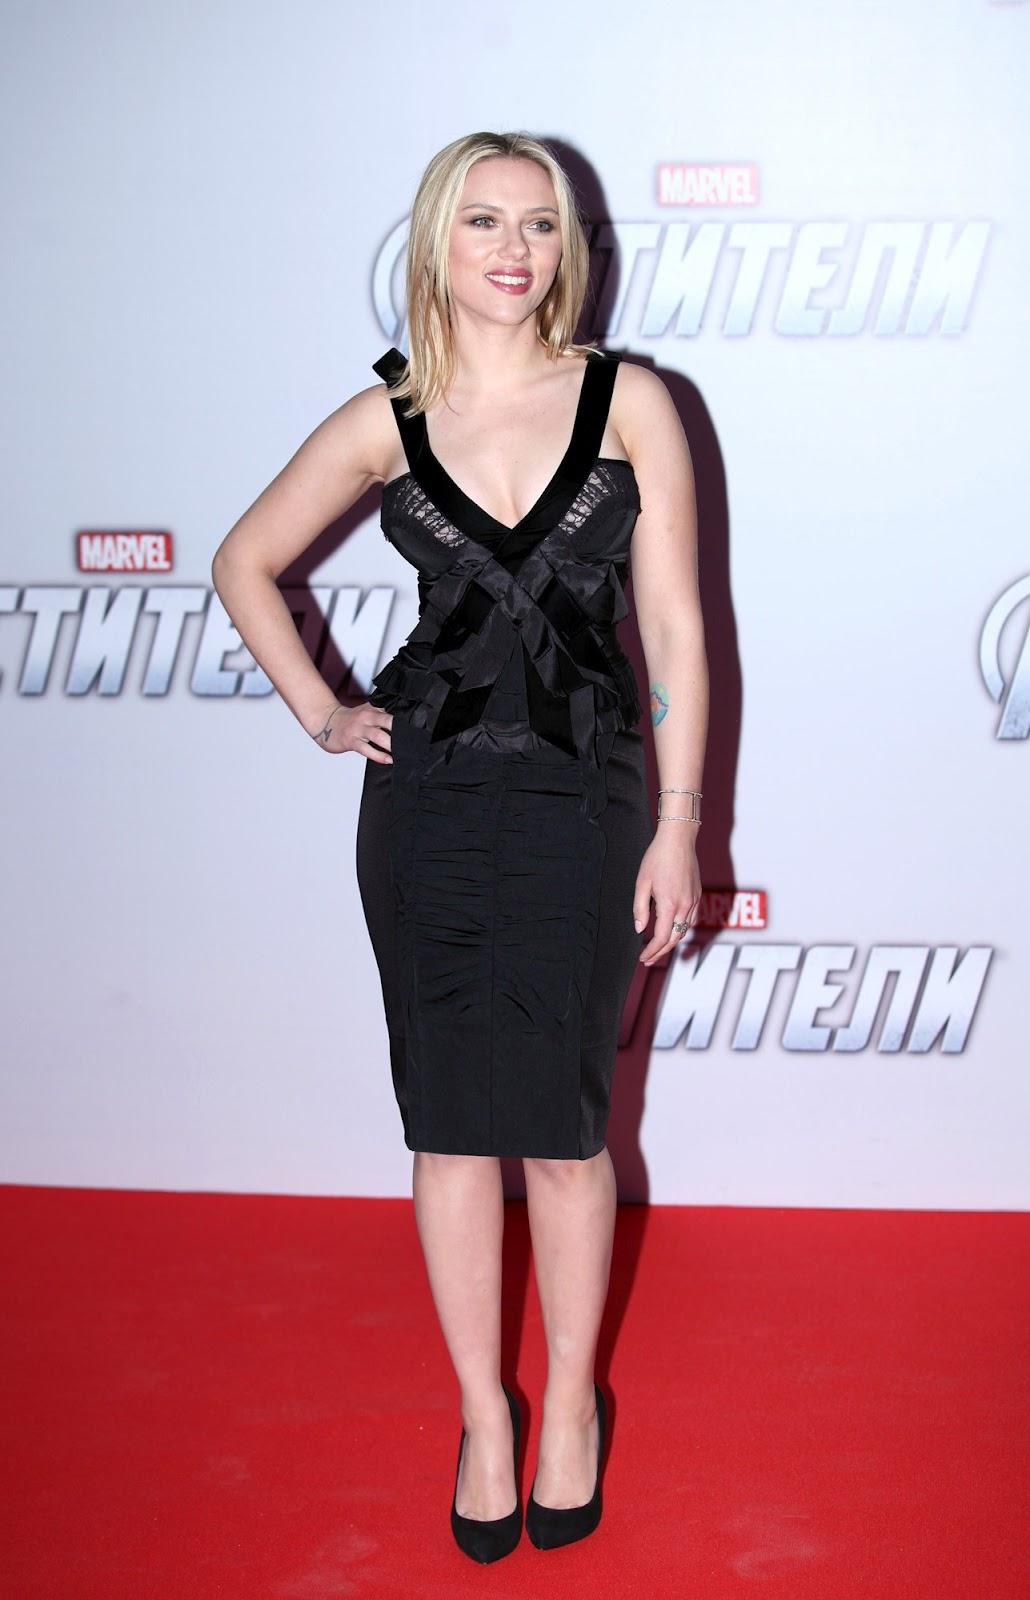 http://3.bp.blogspot.com/-C6Lf7RS2qRE/T4_dHWrrWEI/AAAAAAAABAc/-aTf5jumQt0/s1600/Scarlett_Johansson_The_Avengers_premiere_Moscow_2012_03.jpg